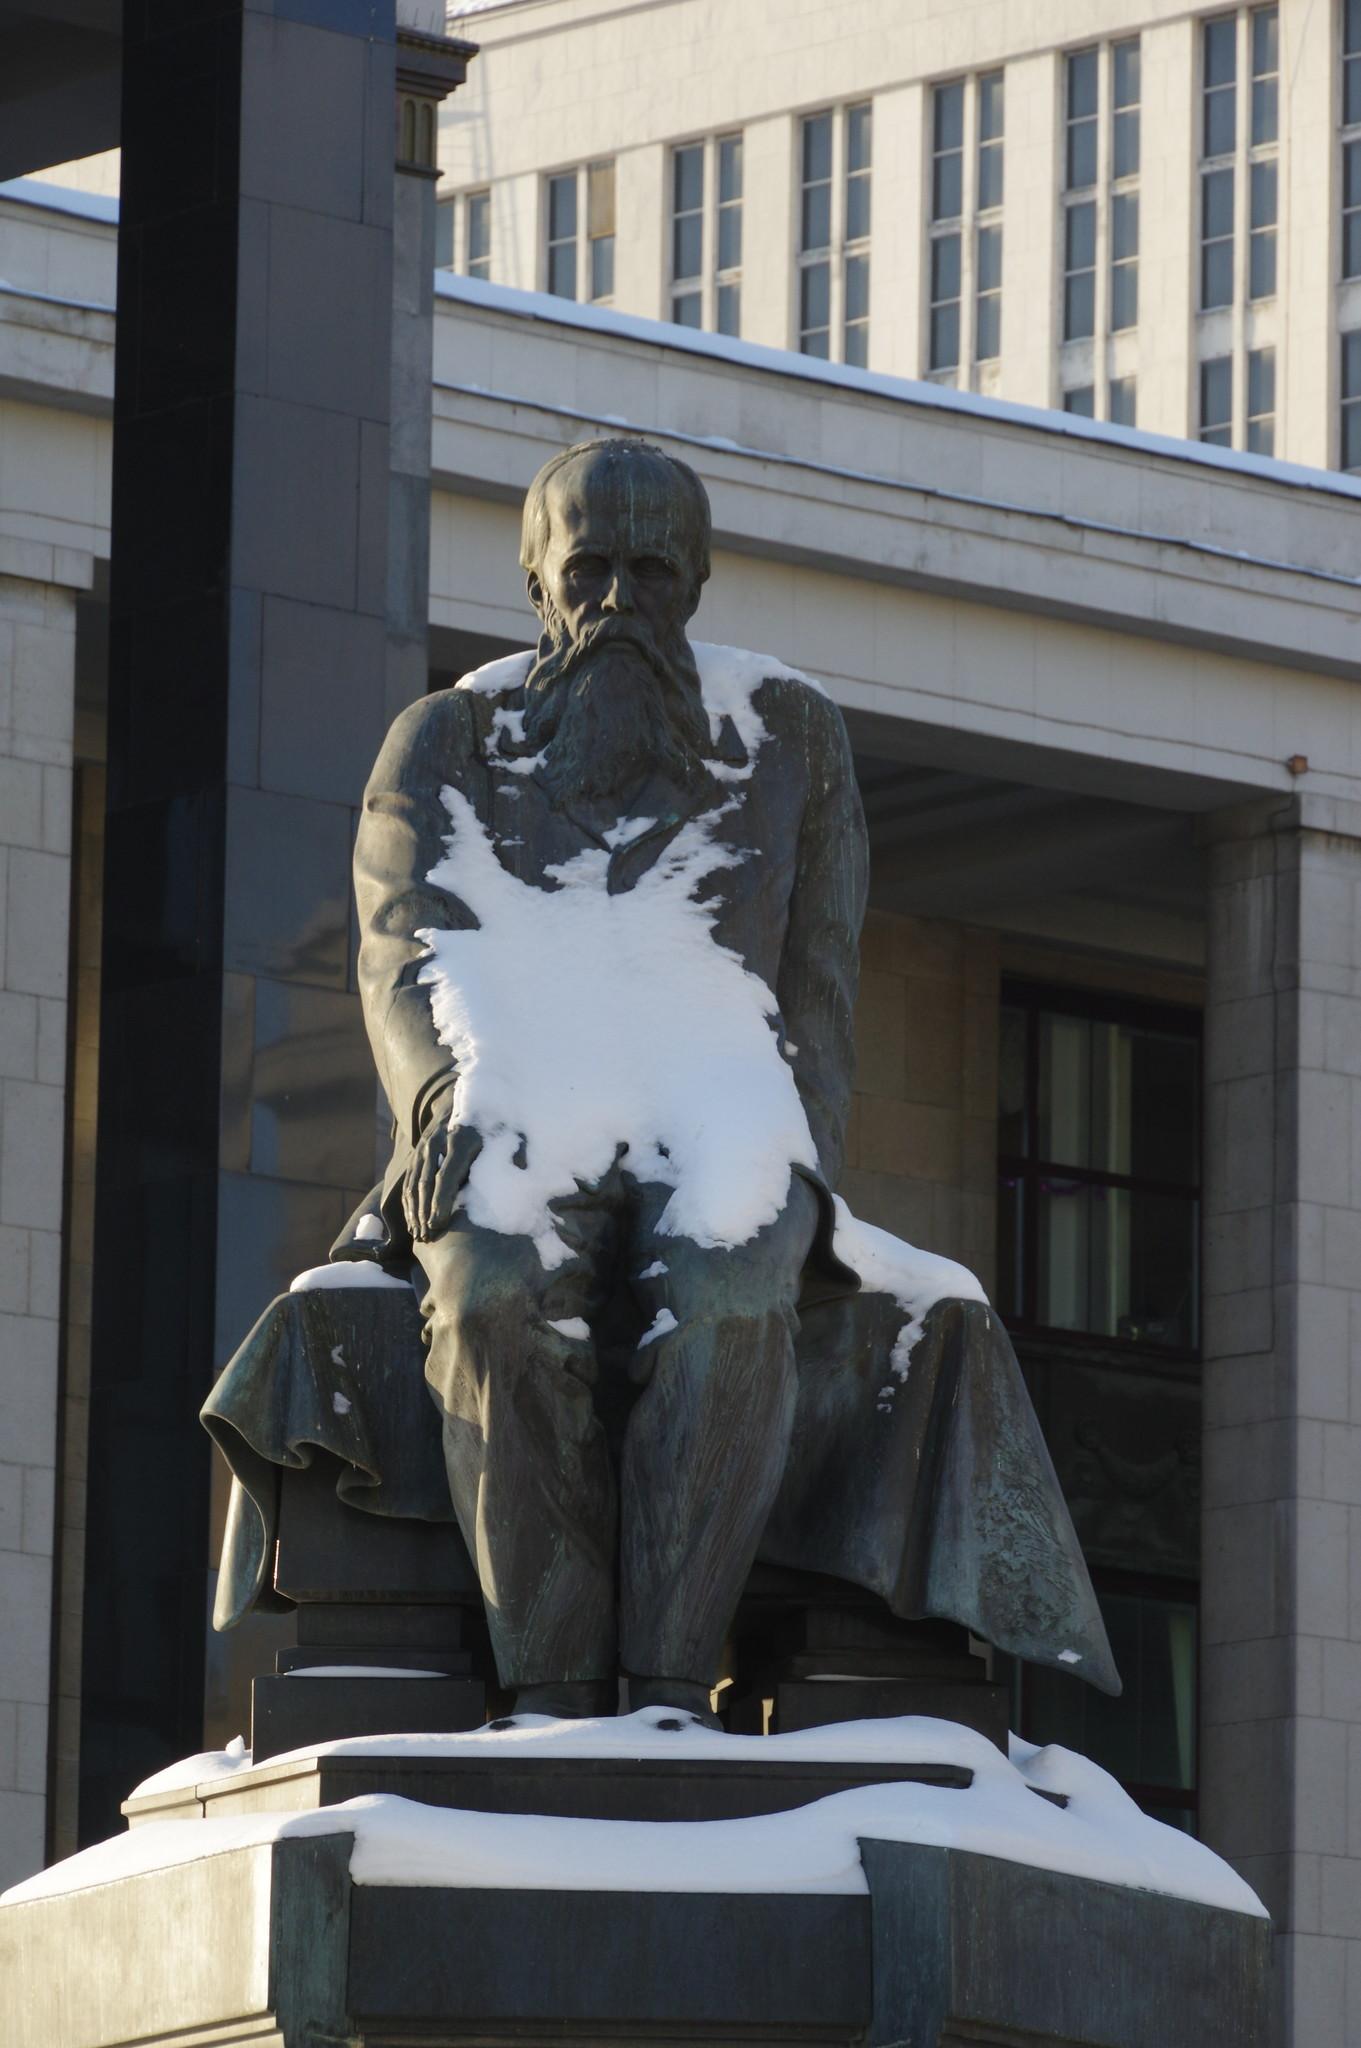 Памятник Фёдору Достоевскому перед зданием Российской государственной библиотеки